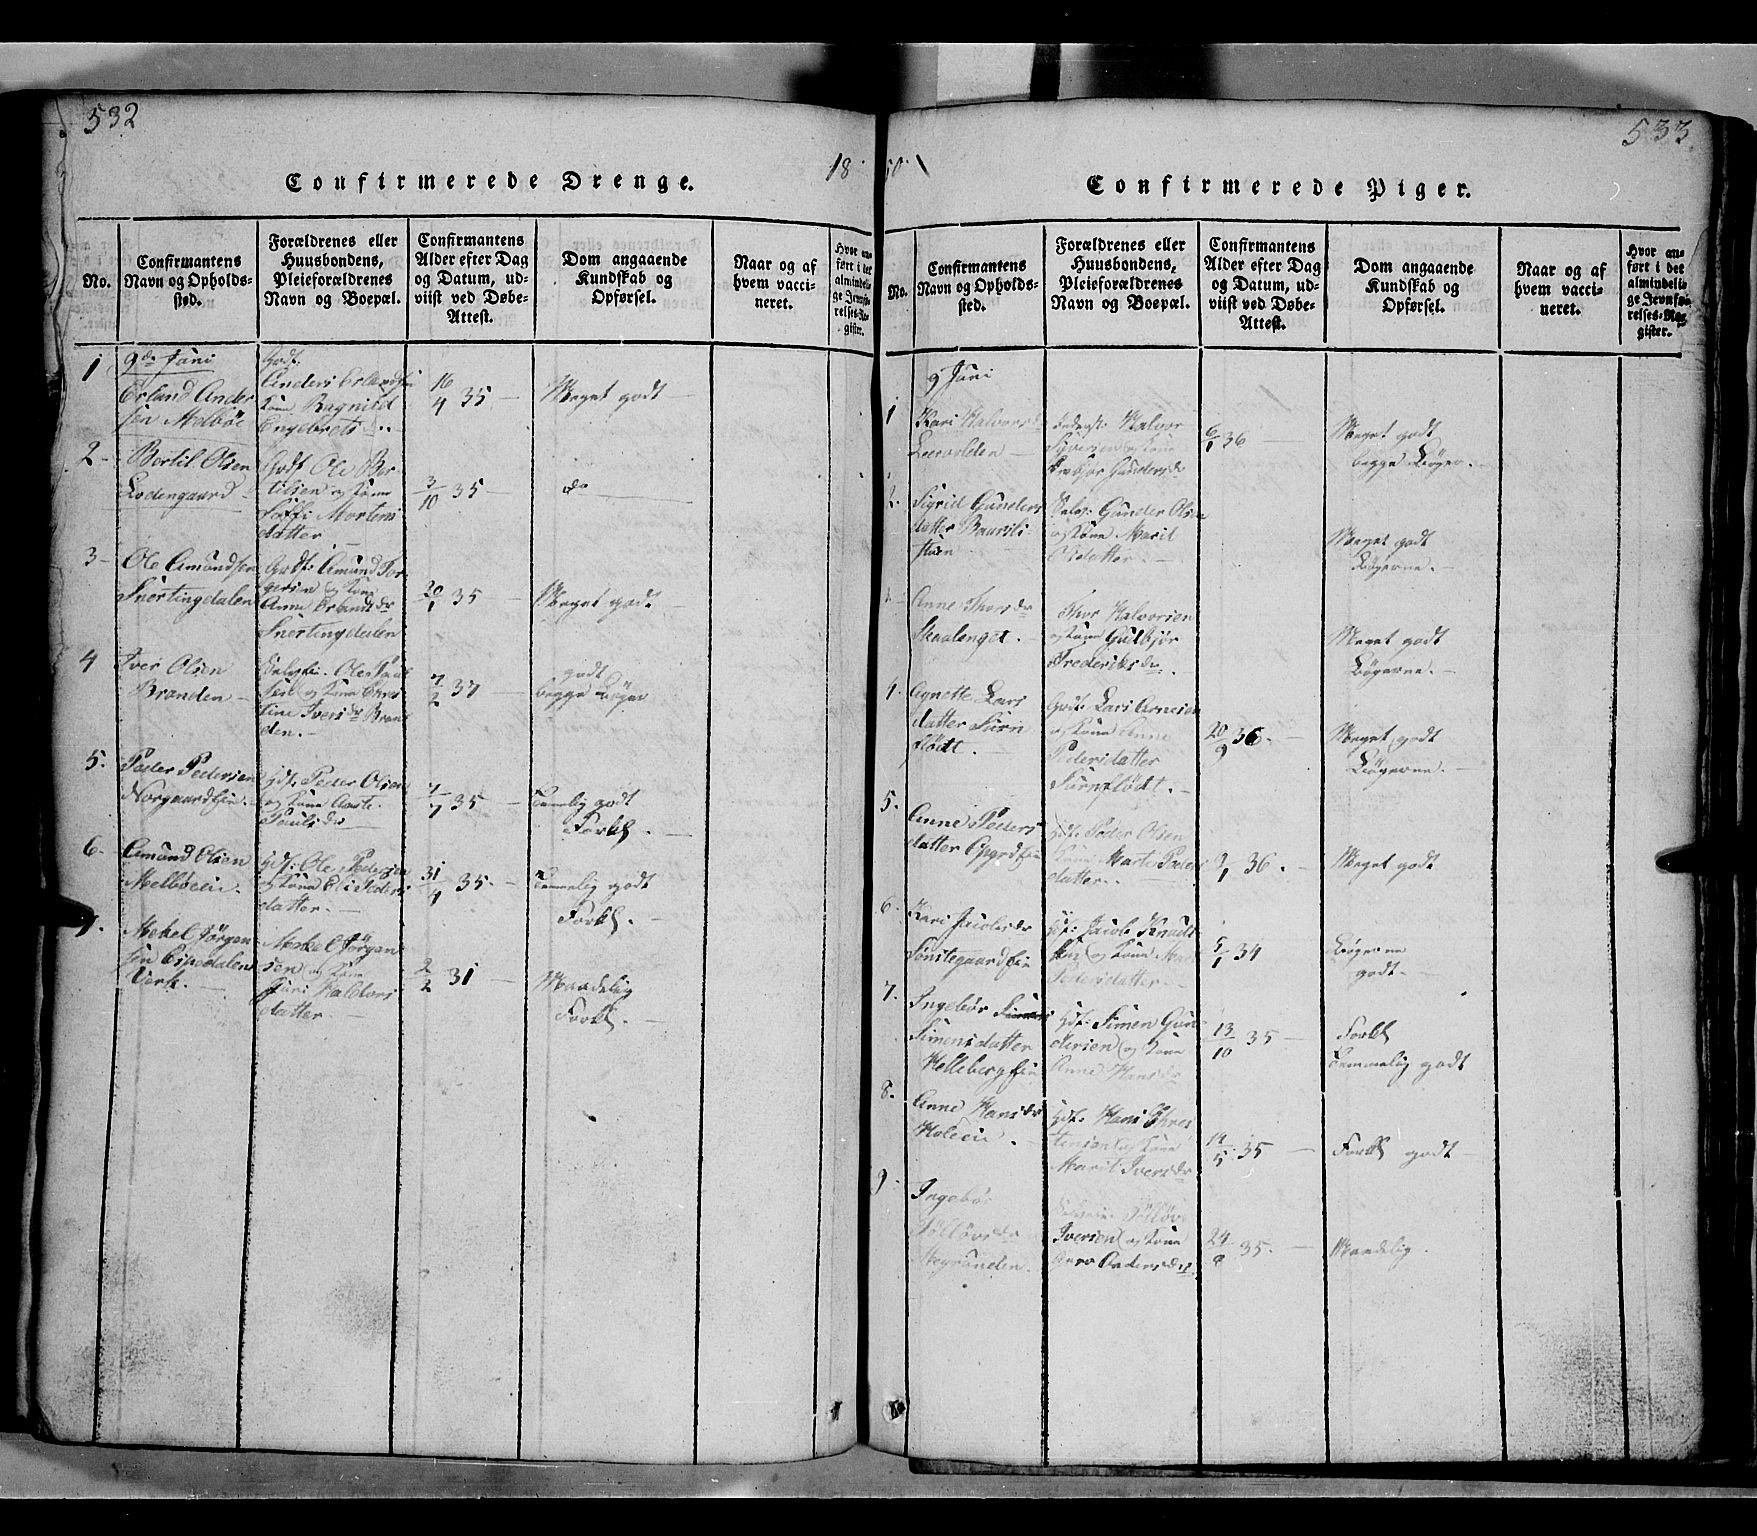 SAH, Gausdal prestekontor, Klokkerbok nr. 2, 1818-1874, s. 532-533